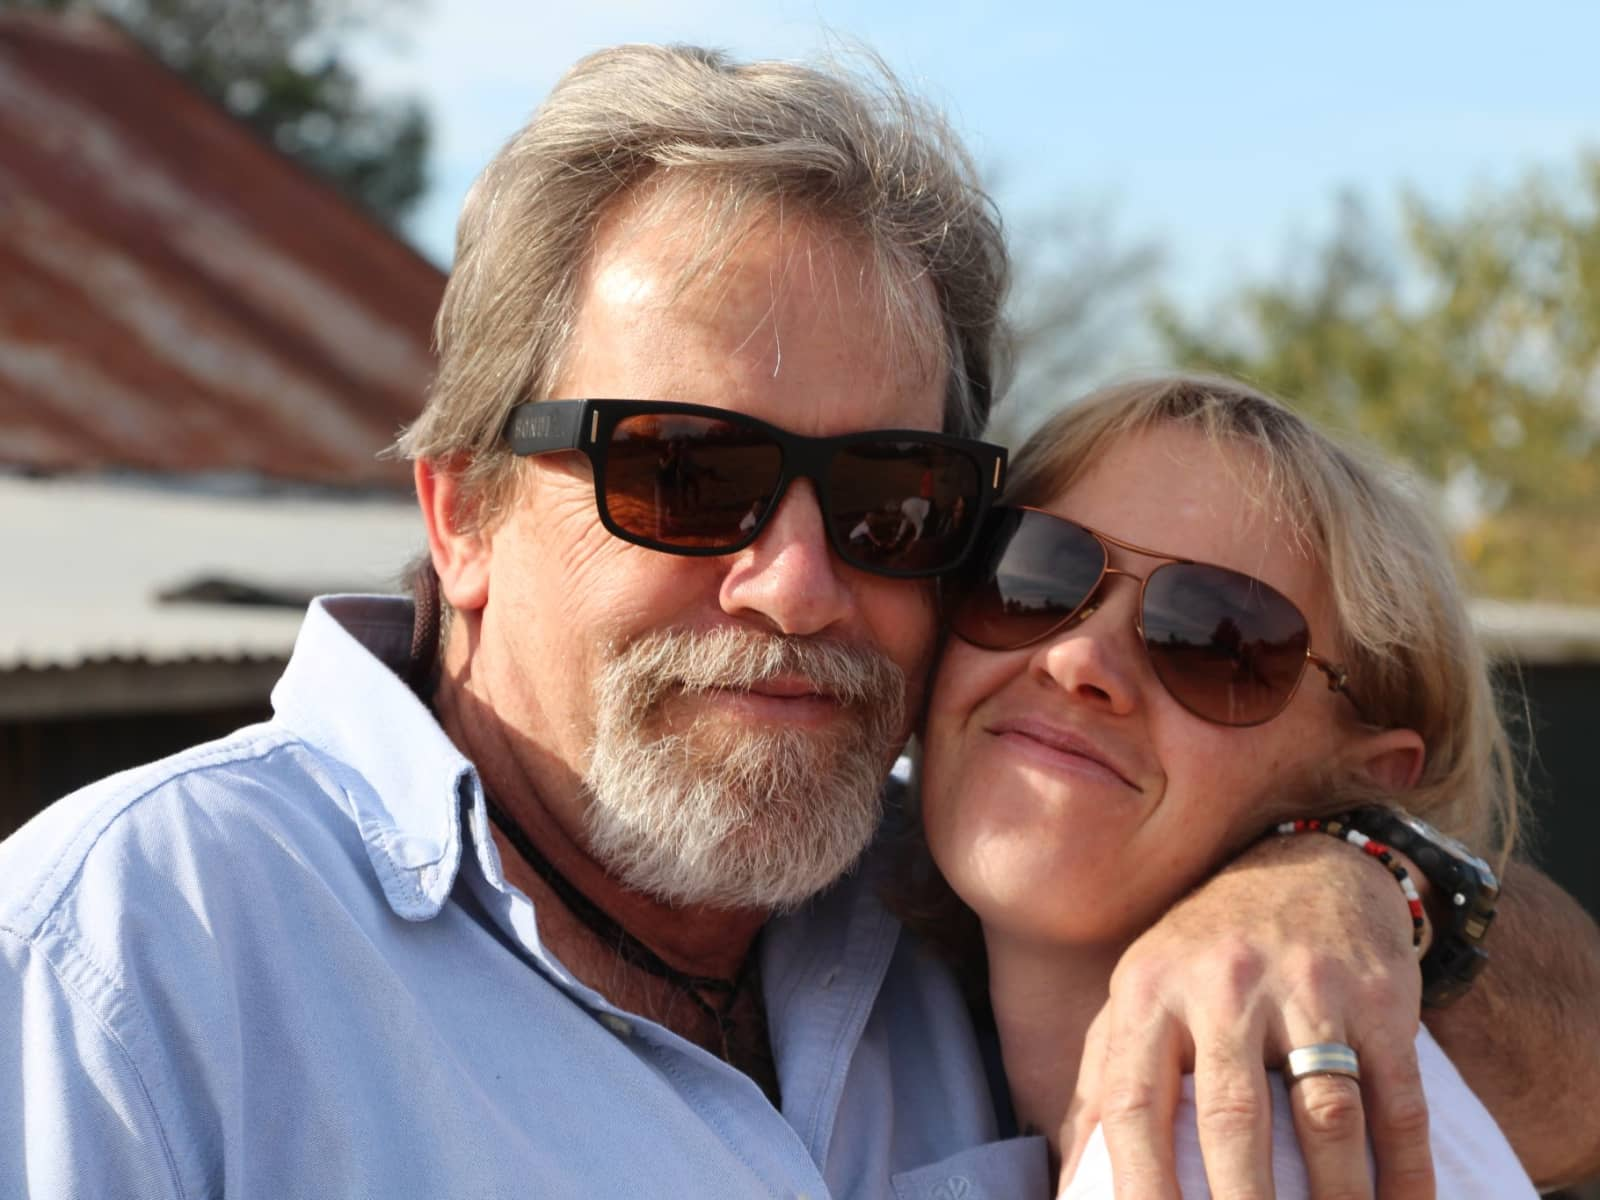 Mandy & Charles from Panamá, Panama